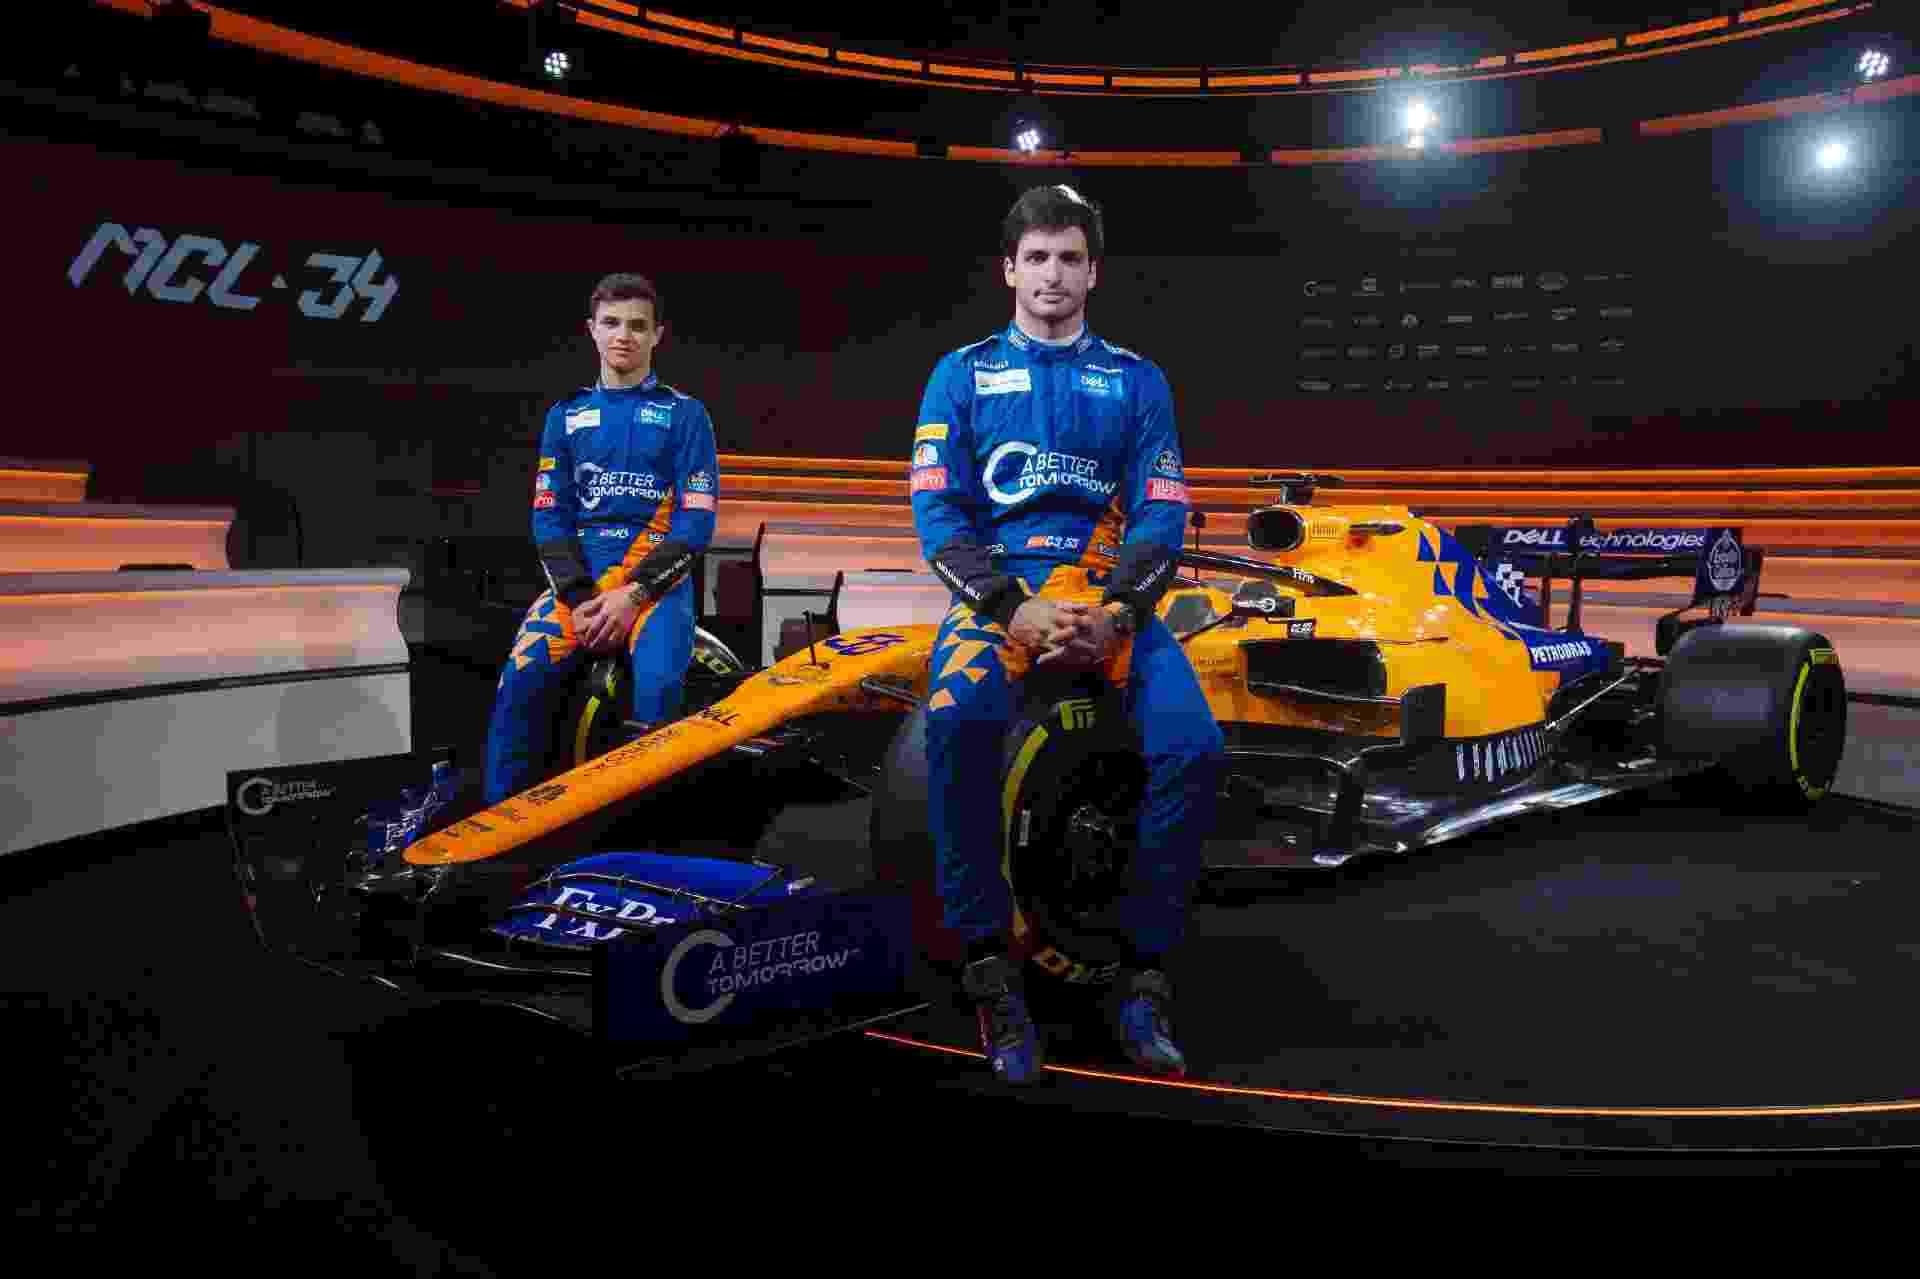 Carlos Sainz e Lando Norris serão os pilotos da McLaren em 2019 - Divulgação